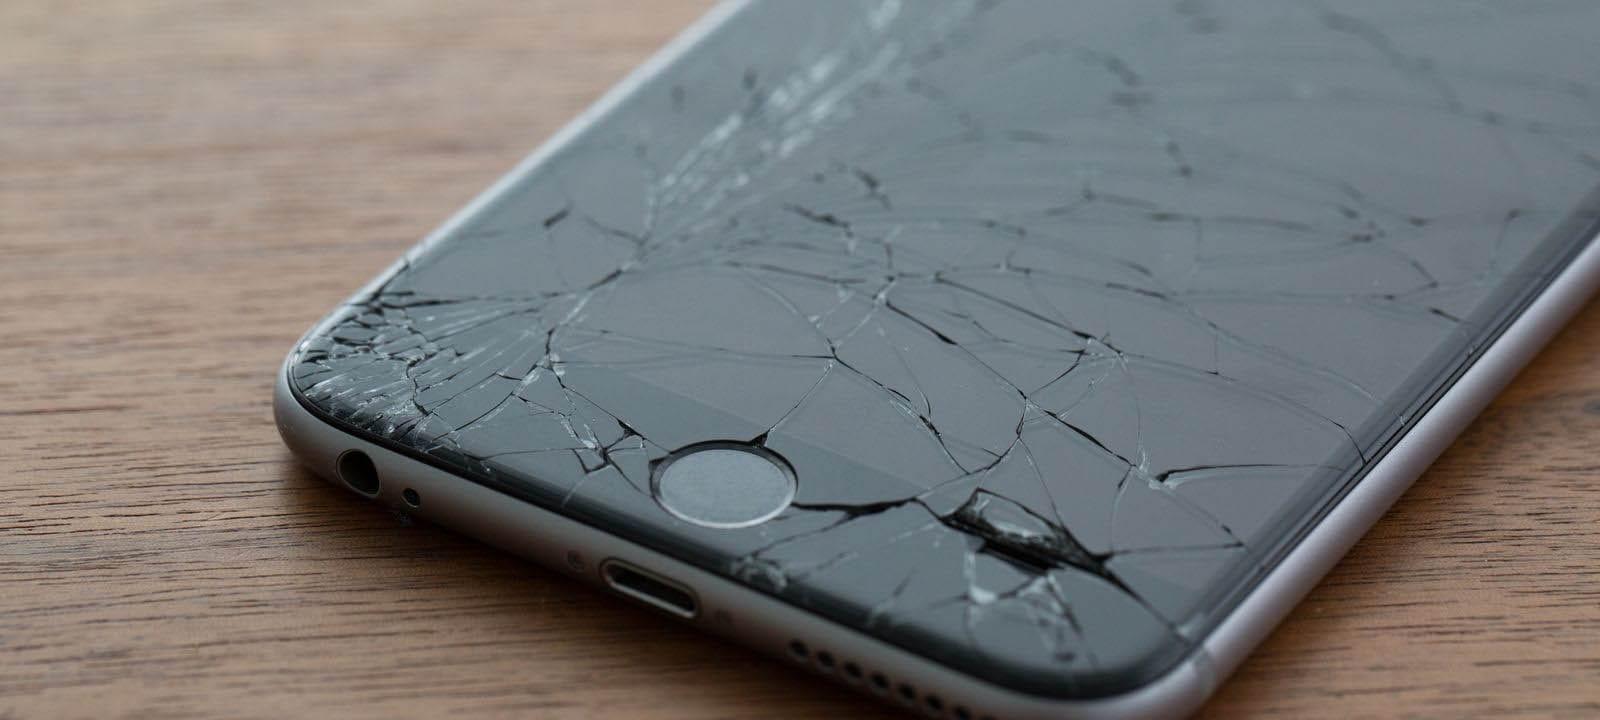 Un footballeur de Liverpool utilise un iPhone fissuré alors qu'il gagne près de 180.000€ par semaine